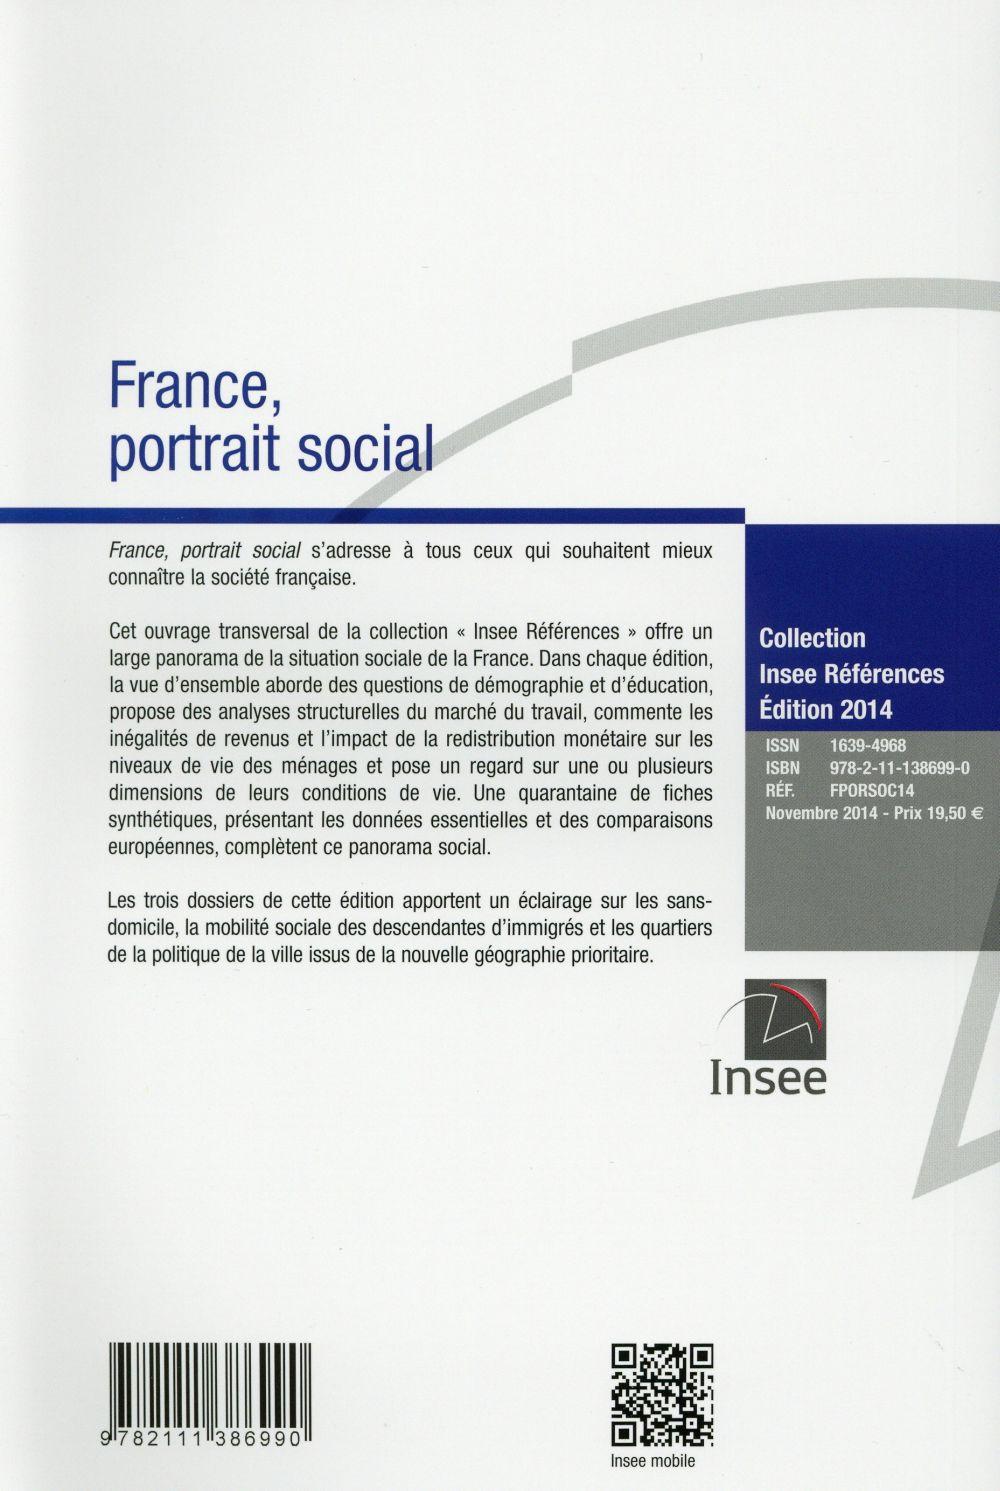 France ; portrait social (édition 2014)